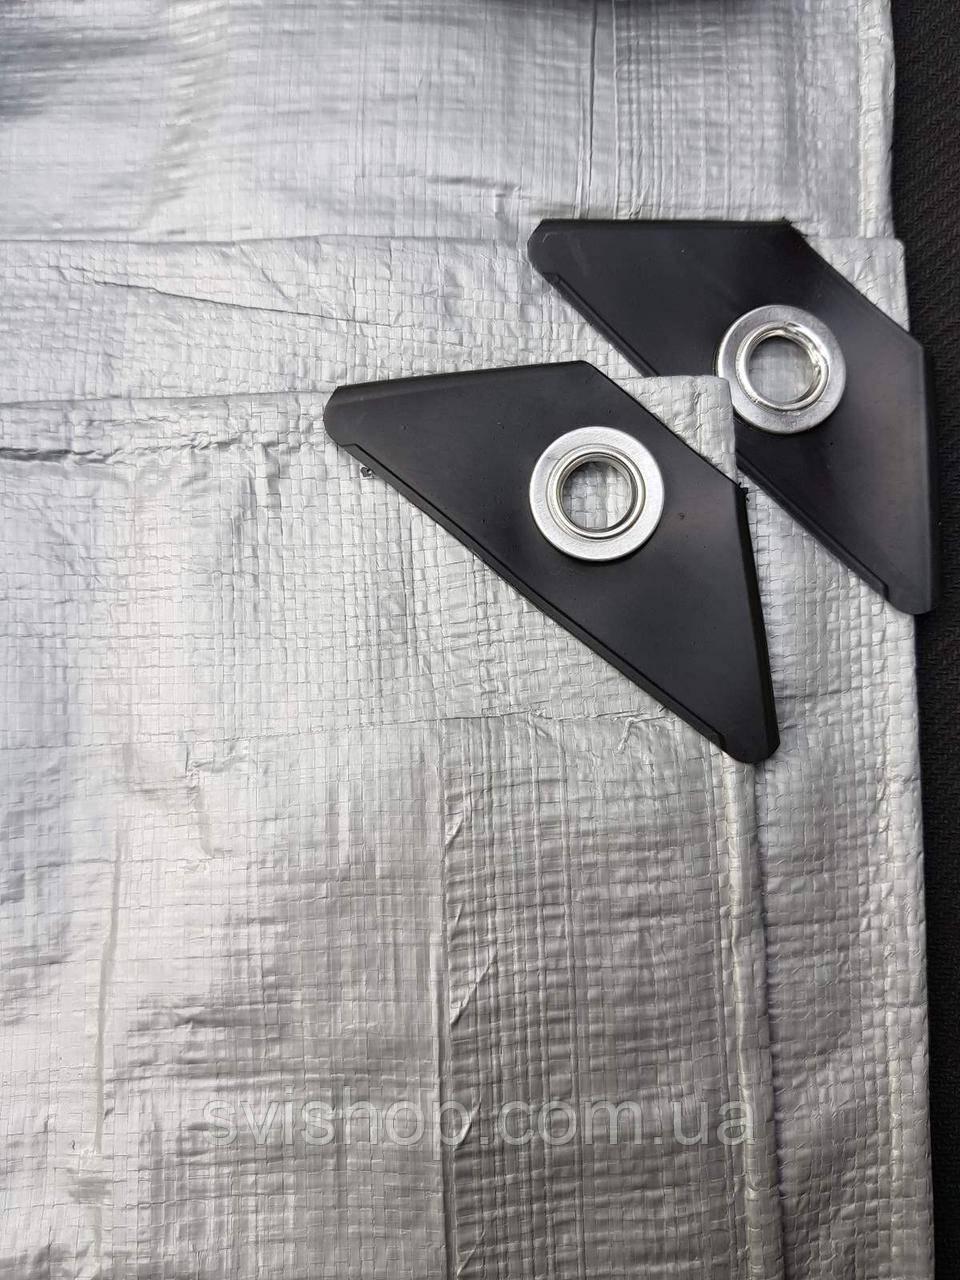 Тент для накрытия 5х6 от дождя и снега, затеняющий 150 г / м2. Серый цвет.